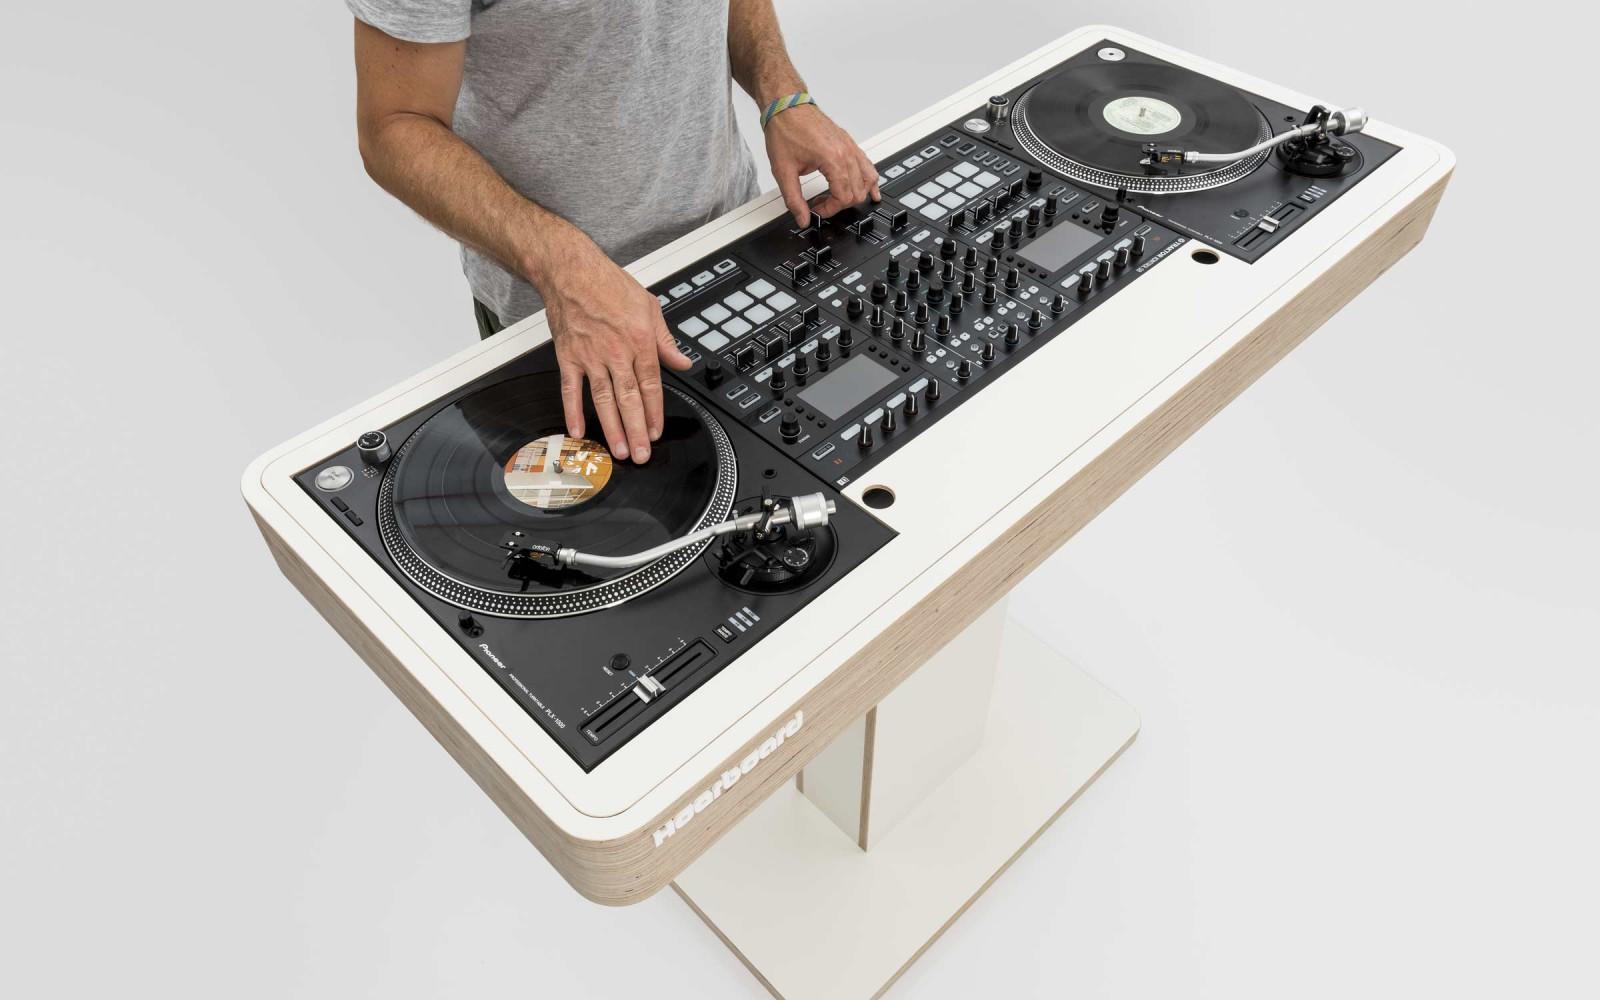 stereo t hoerboard pro audio dj furniture. Black Bedroom Furniture Sets. Home Design Ideas